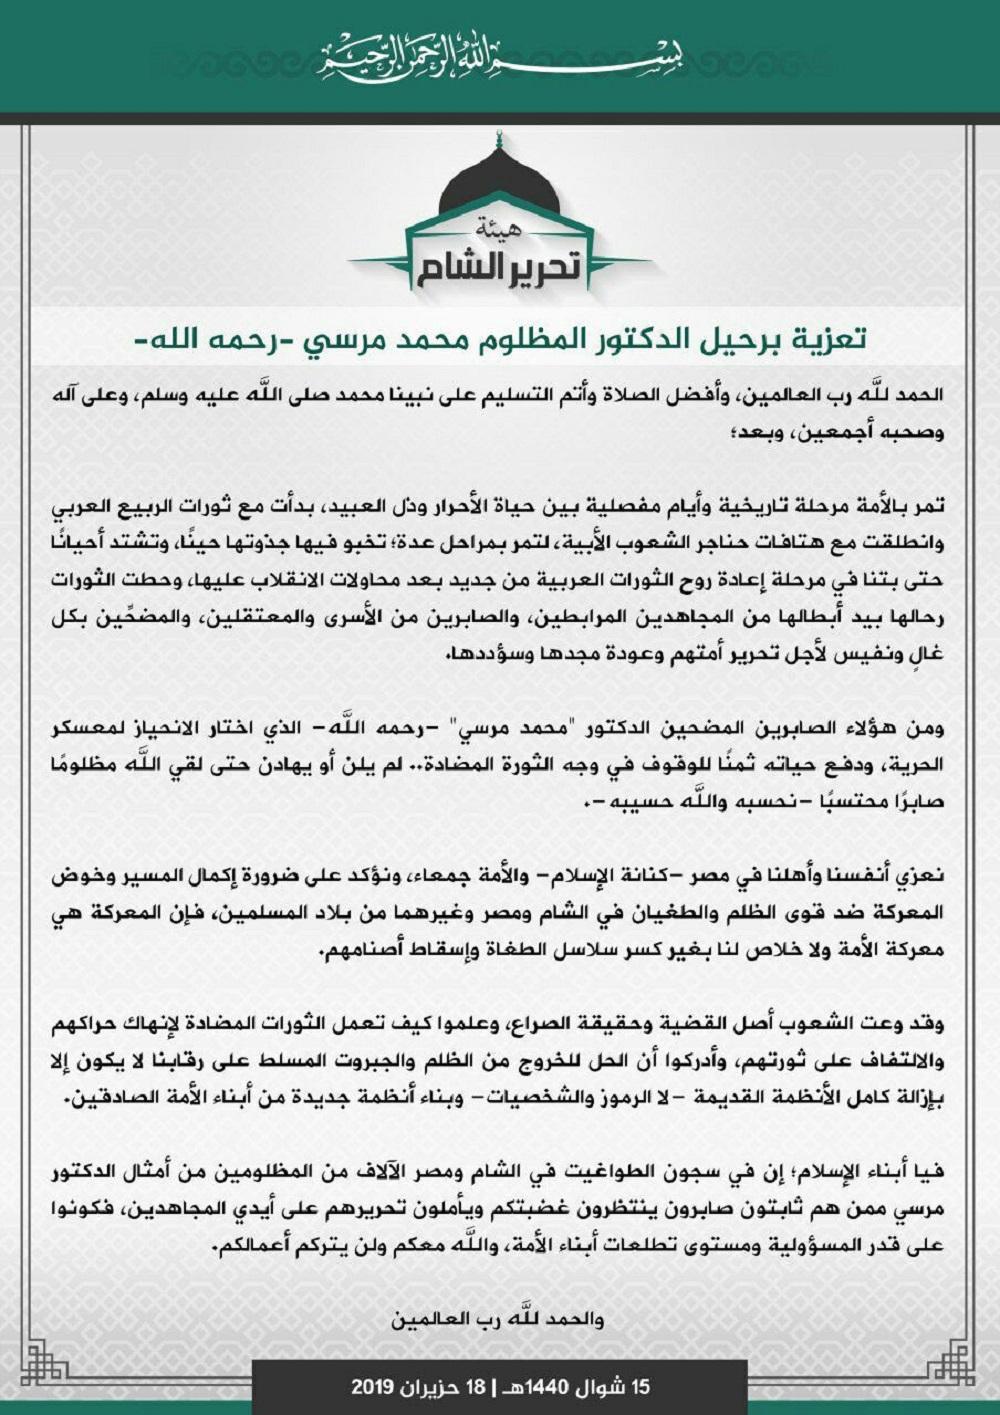 بيان تحرير الشام.jpg